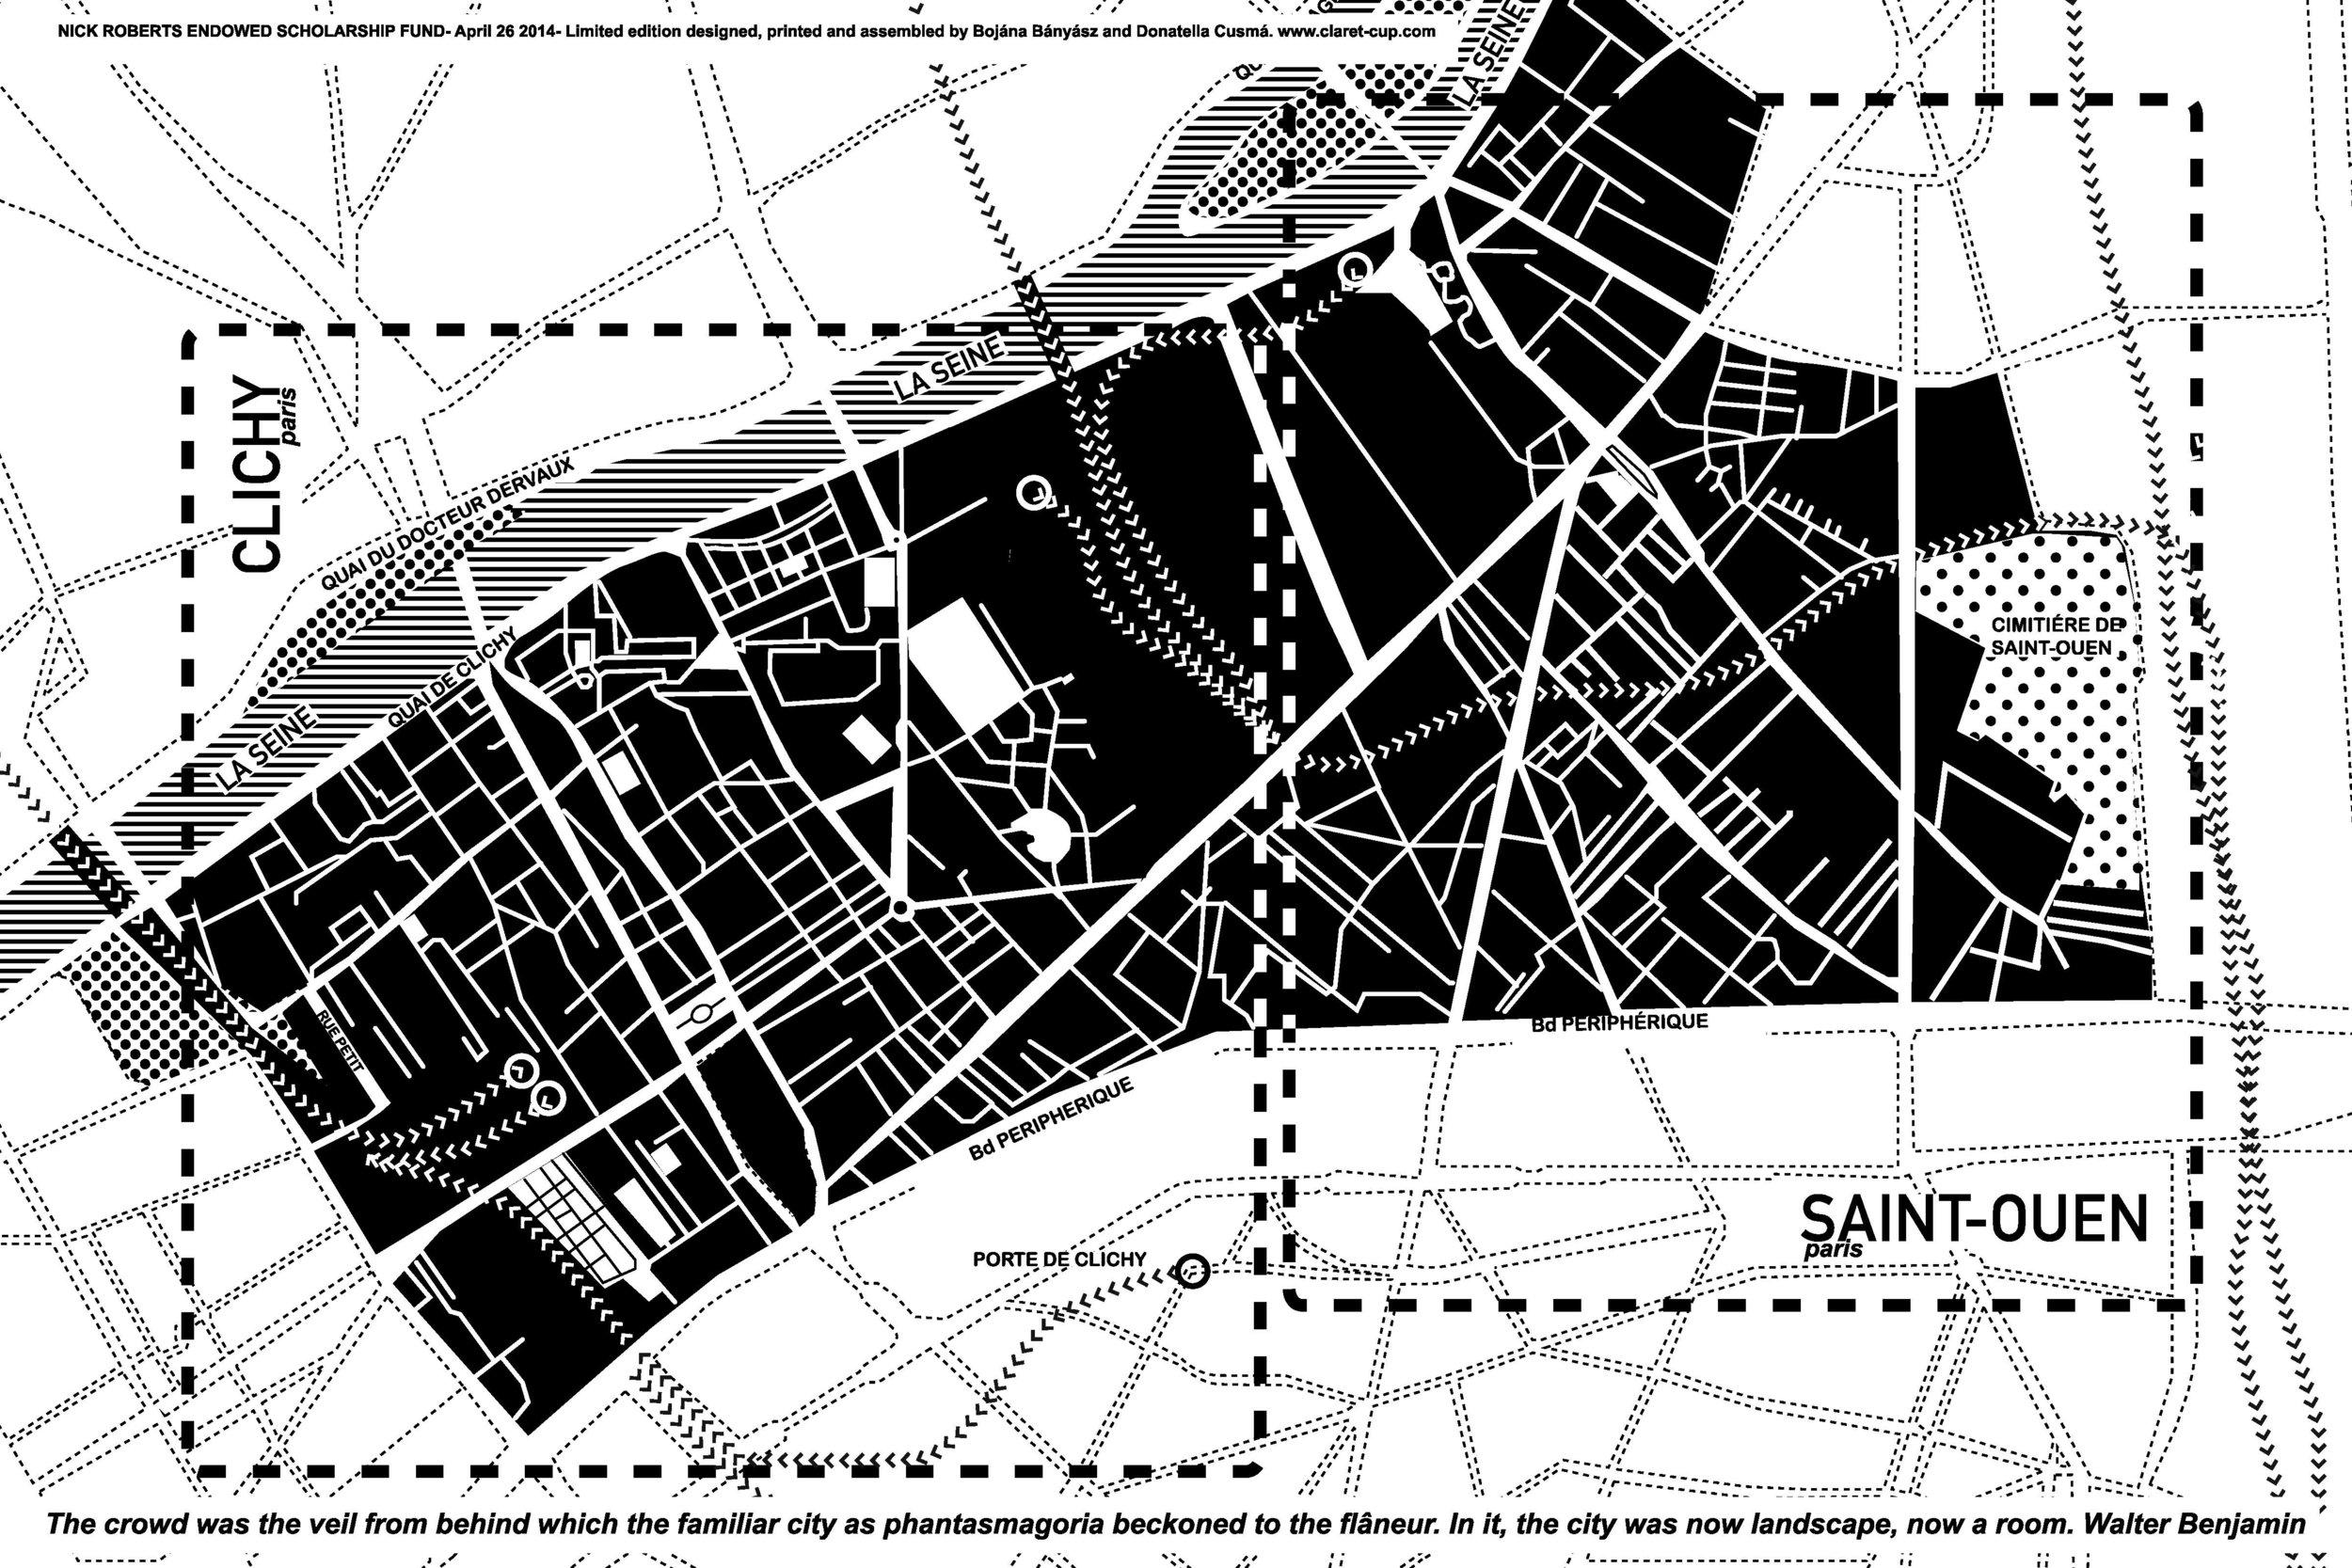 Clichy, Paris-France, special edition.